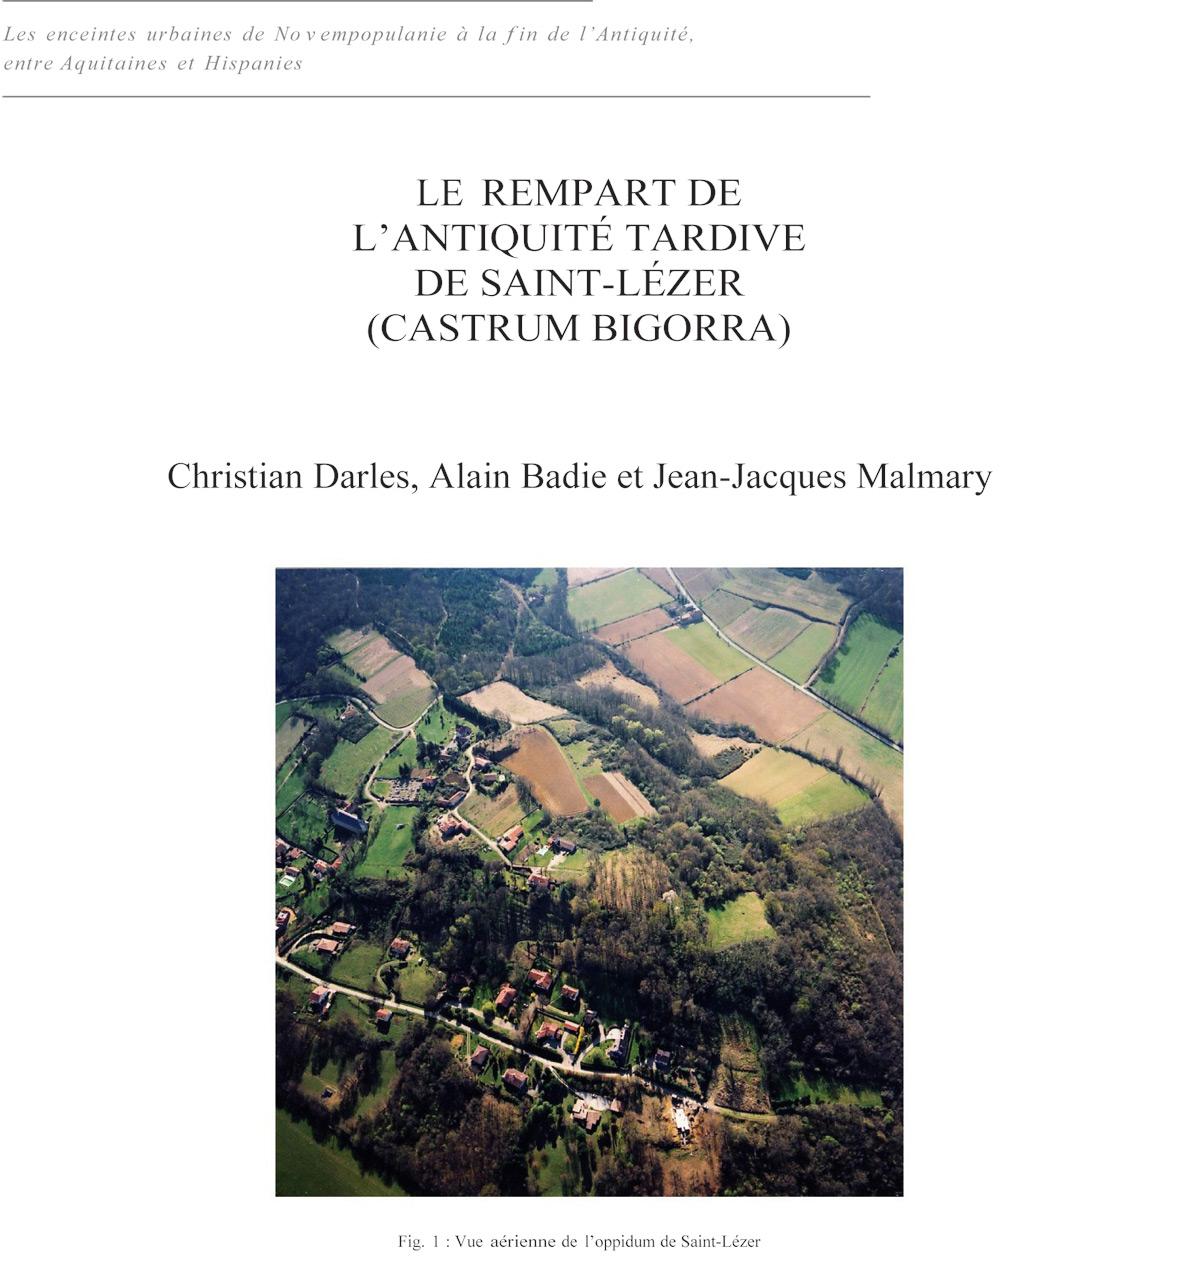 Le rempart de l'Antiquité Tardive de Saint-Lézer (Castrum Bigorra)